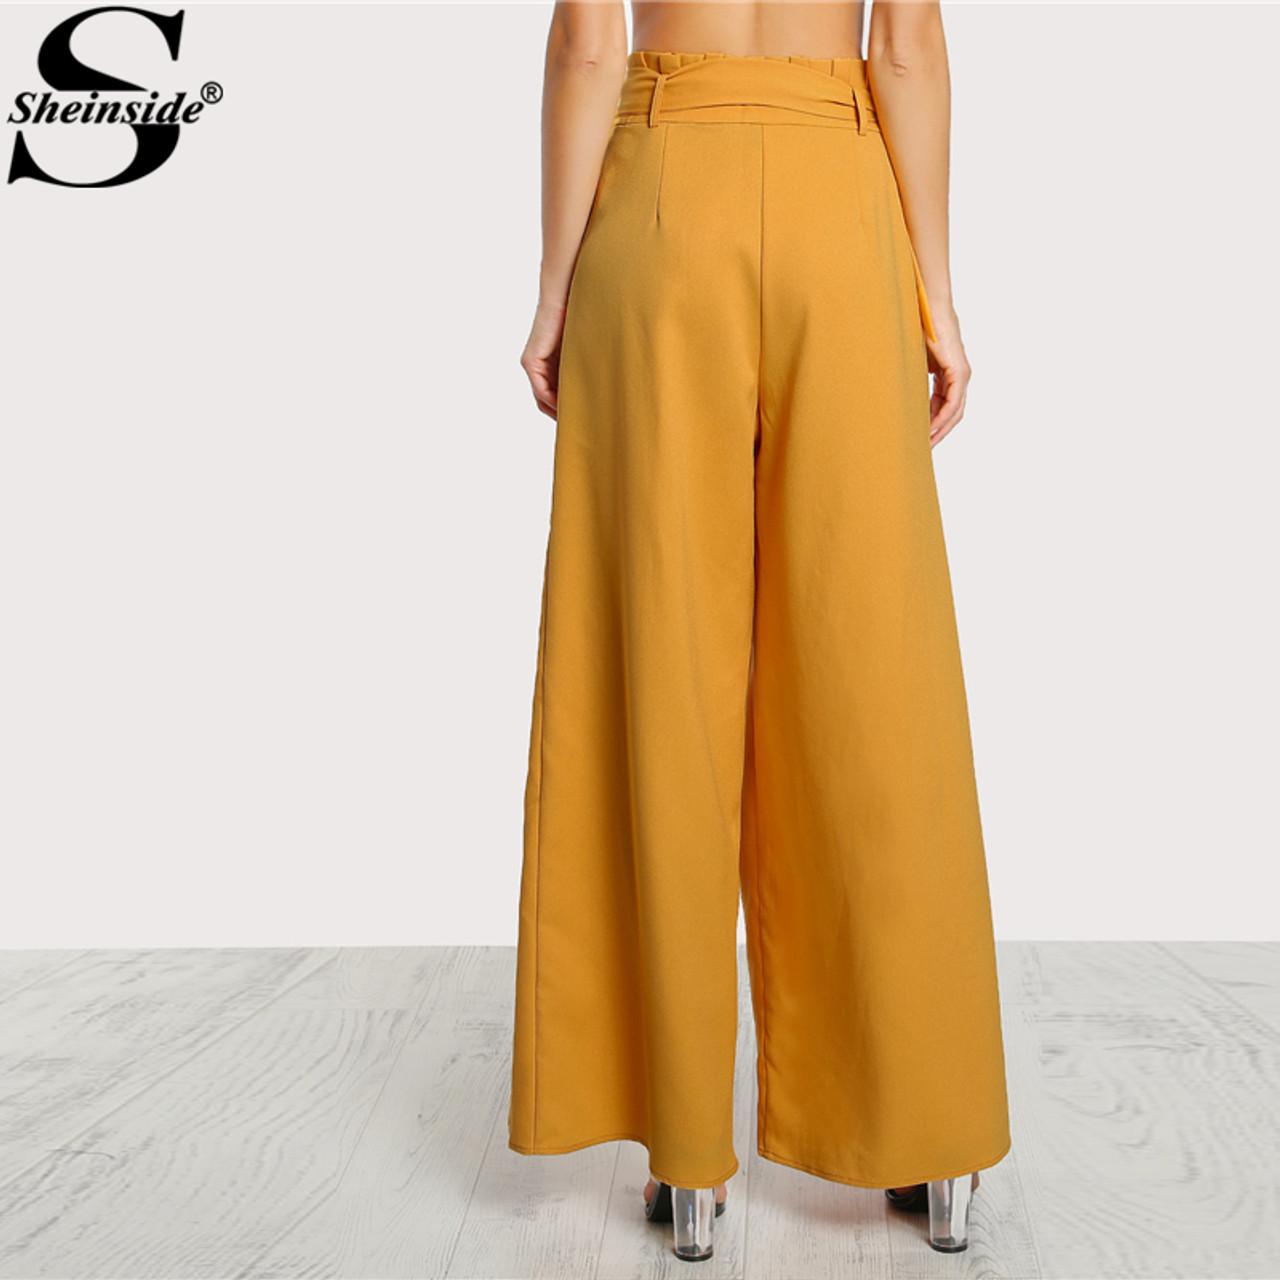 Secretary Office Pants Mid Waist Belted Pants Elegant Black Slacks Long Wide Leg Trousers Formal Wear Small S